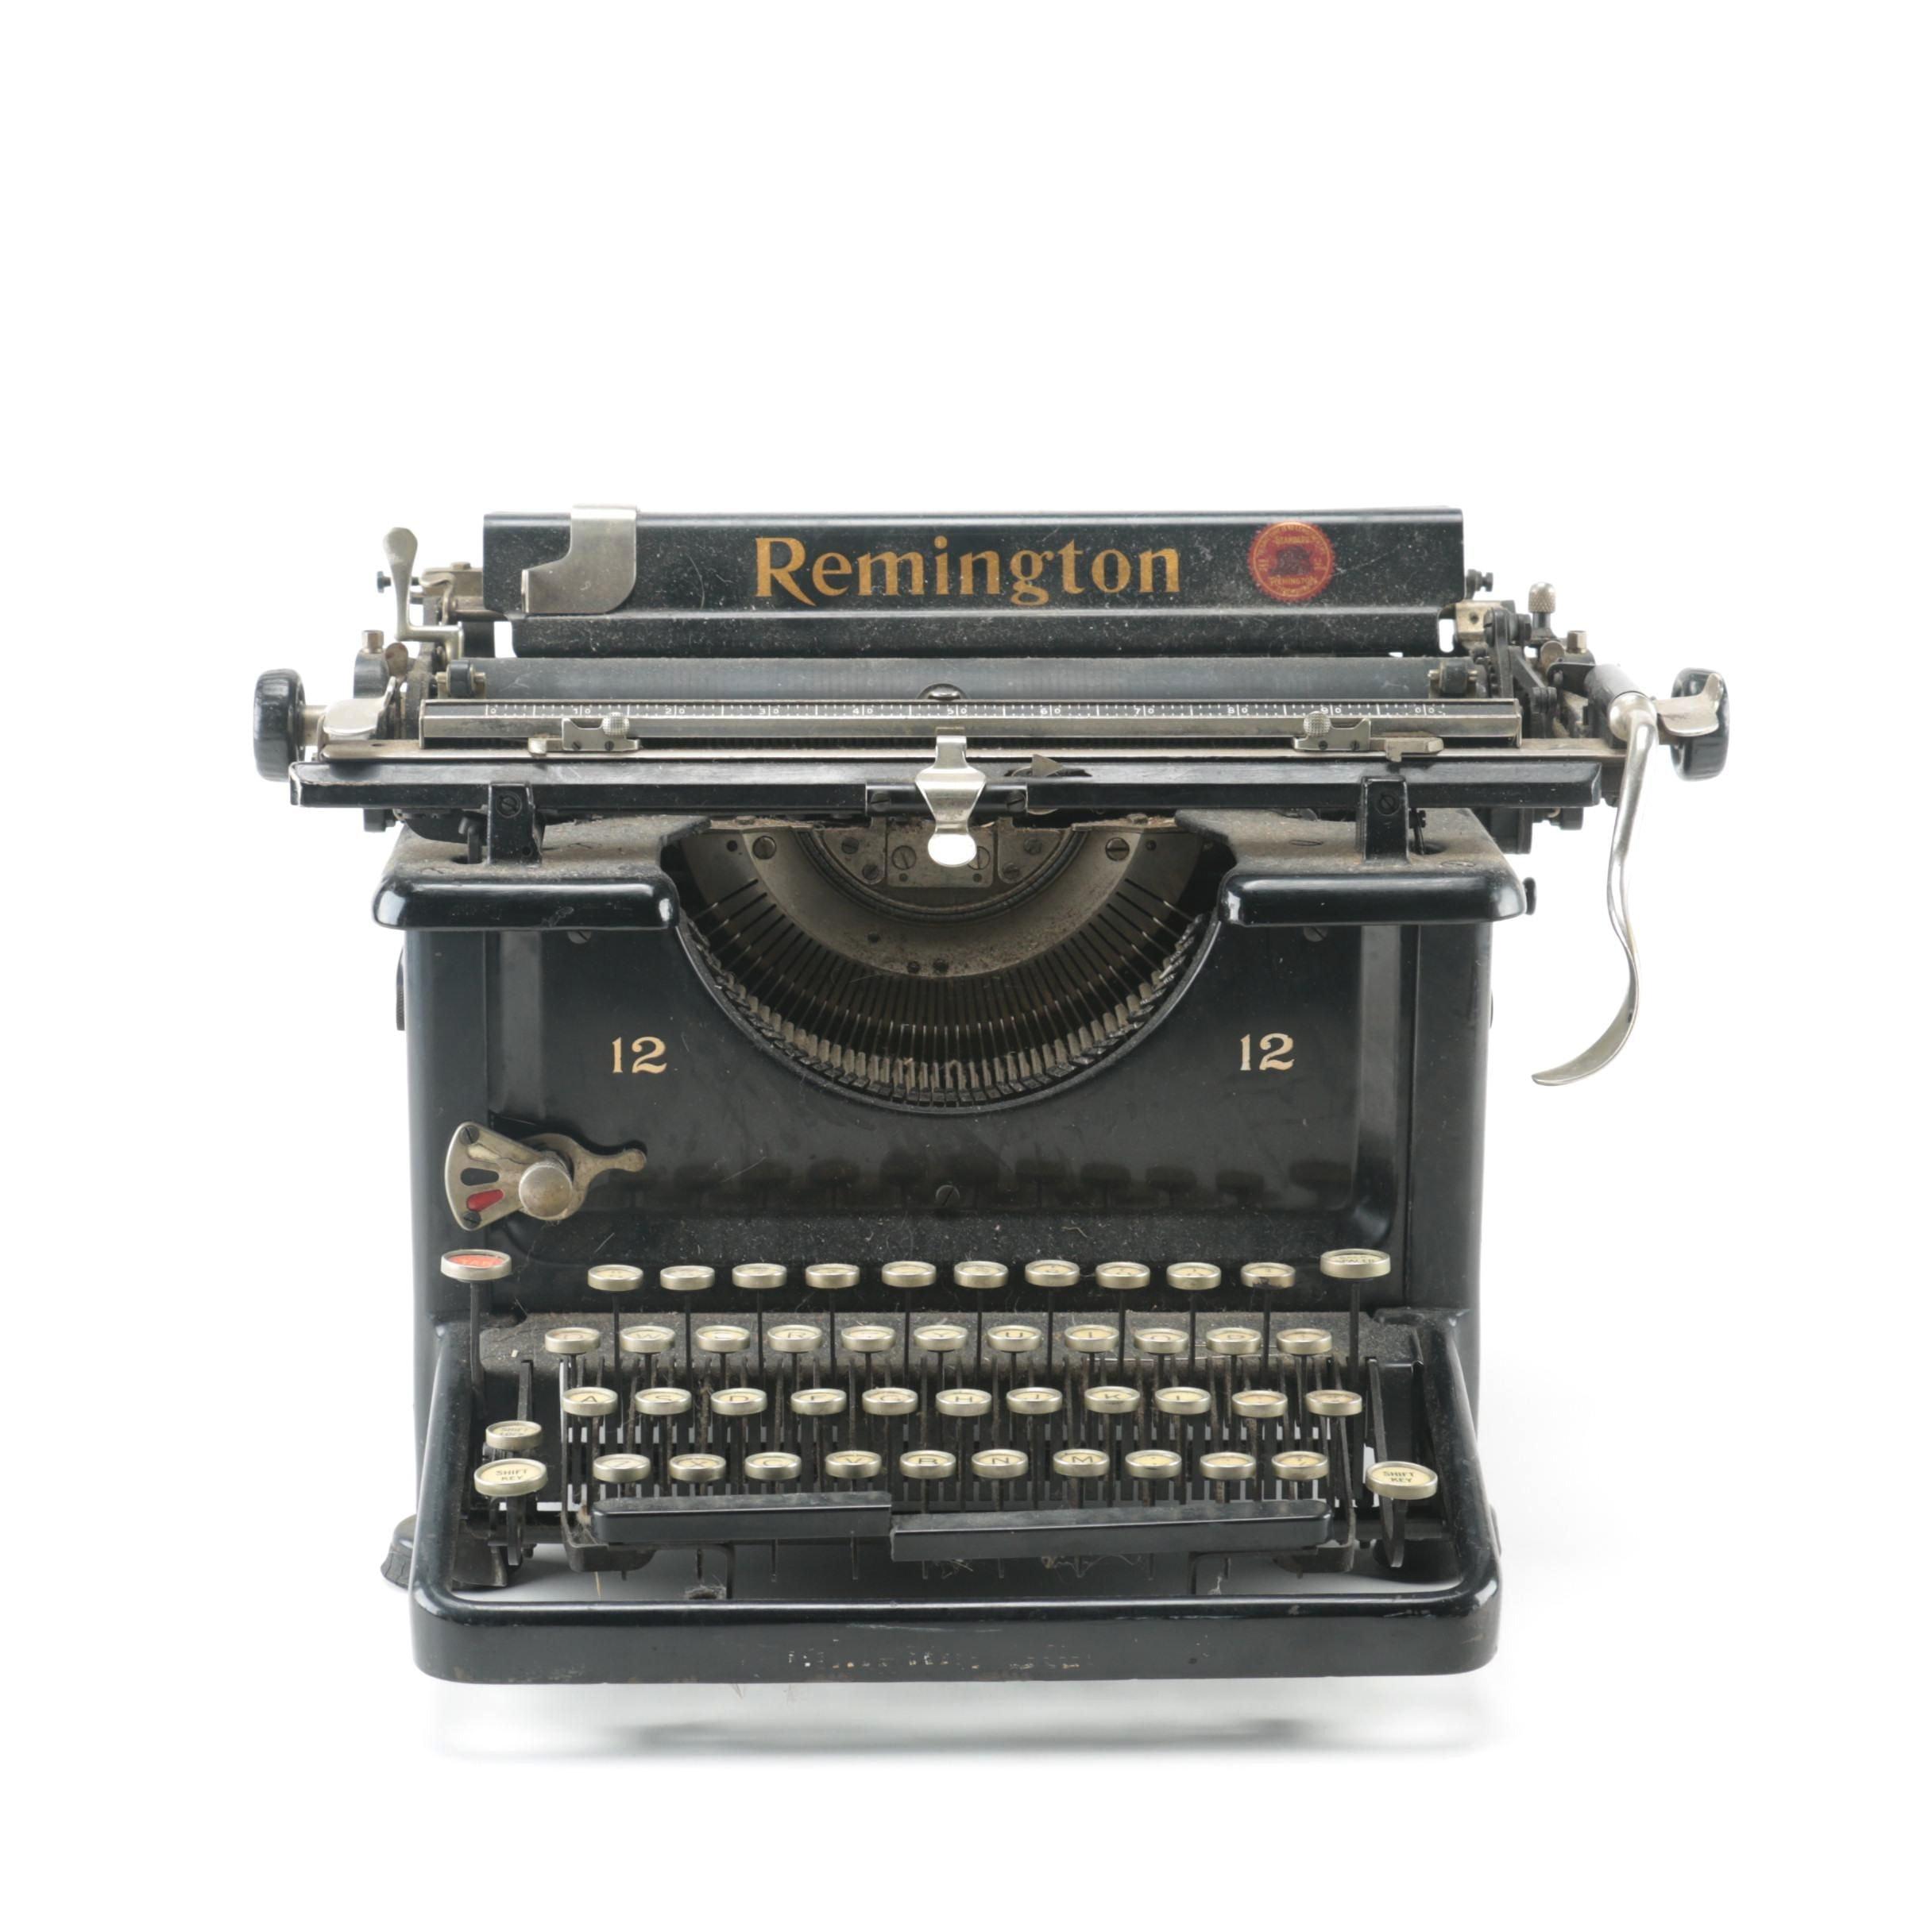 Black And Silver Remington Typewriter